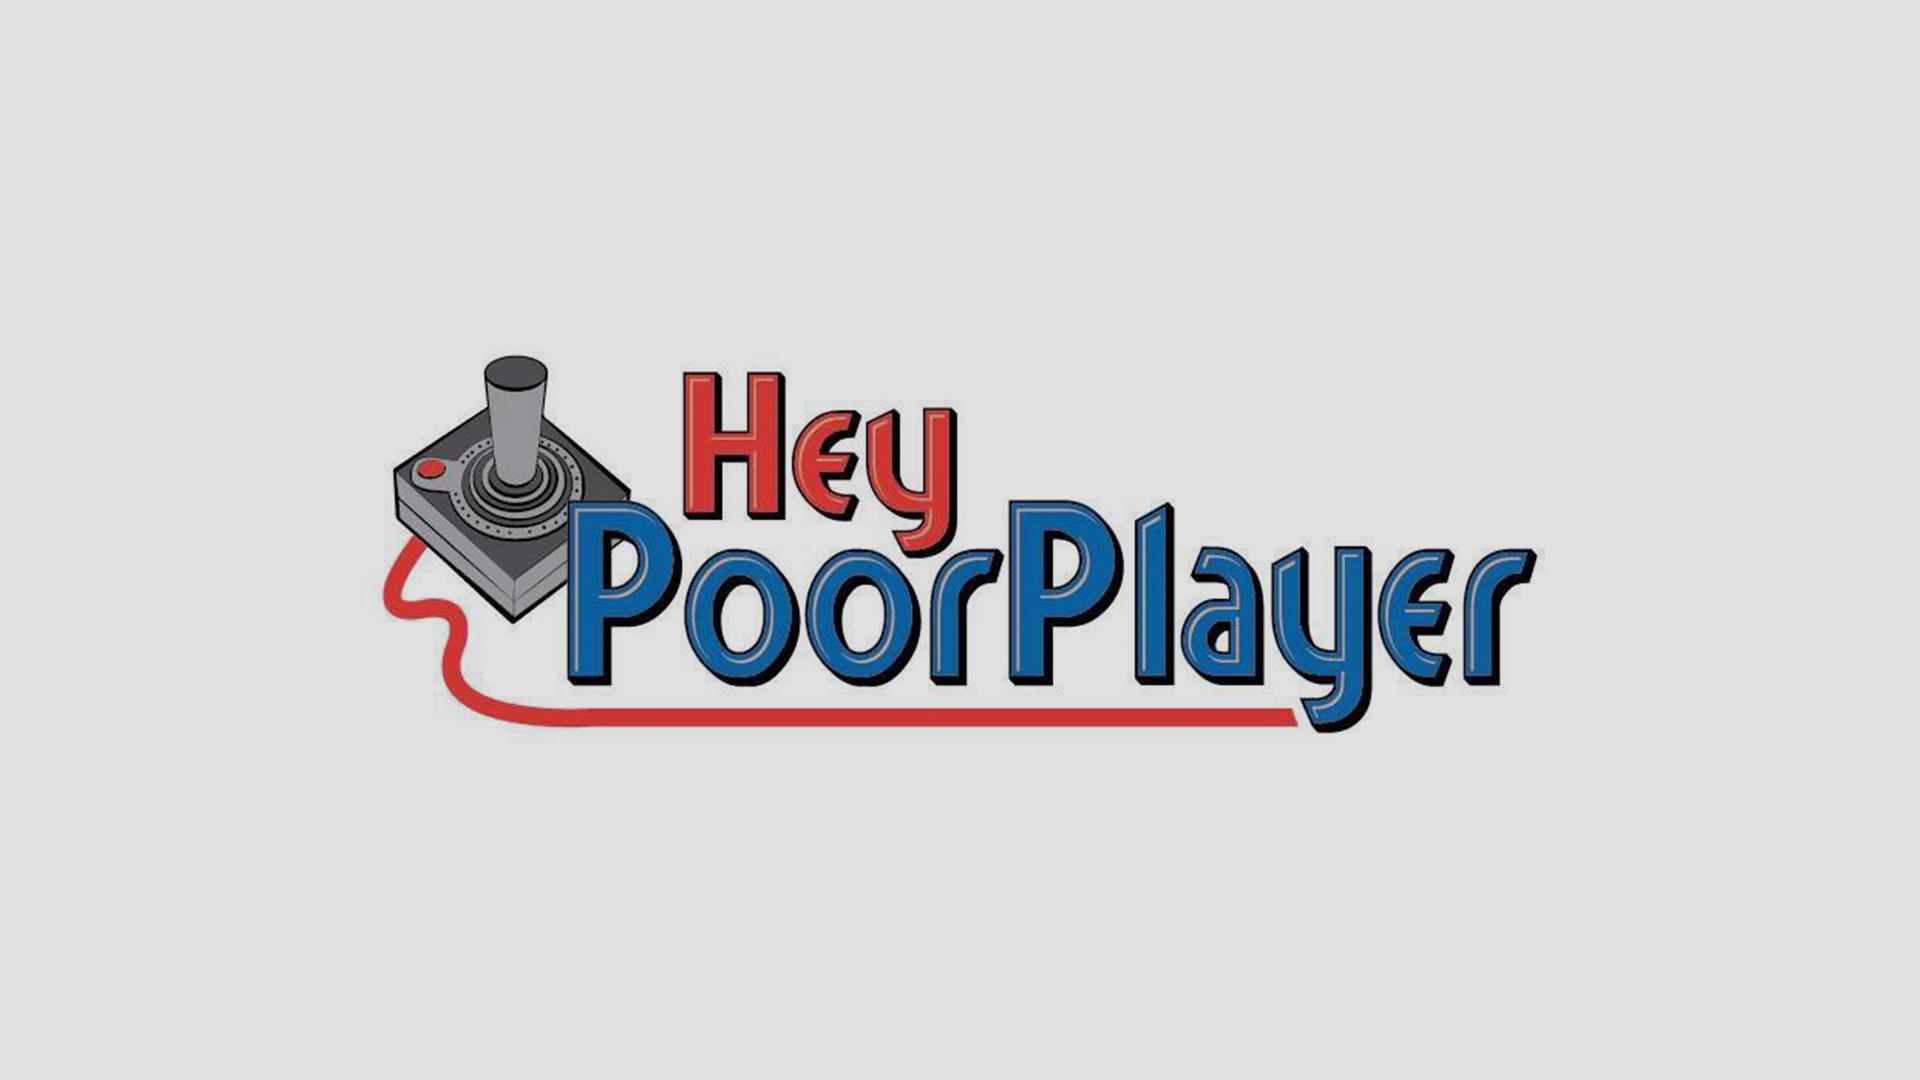 hey-poor-player-logo